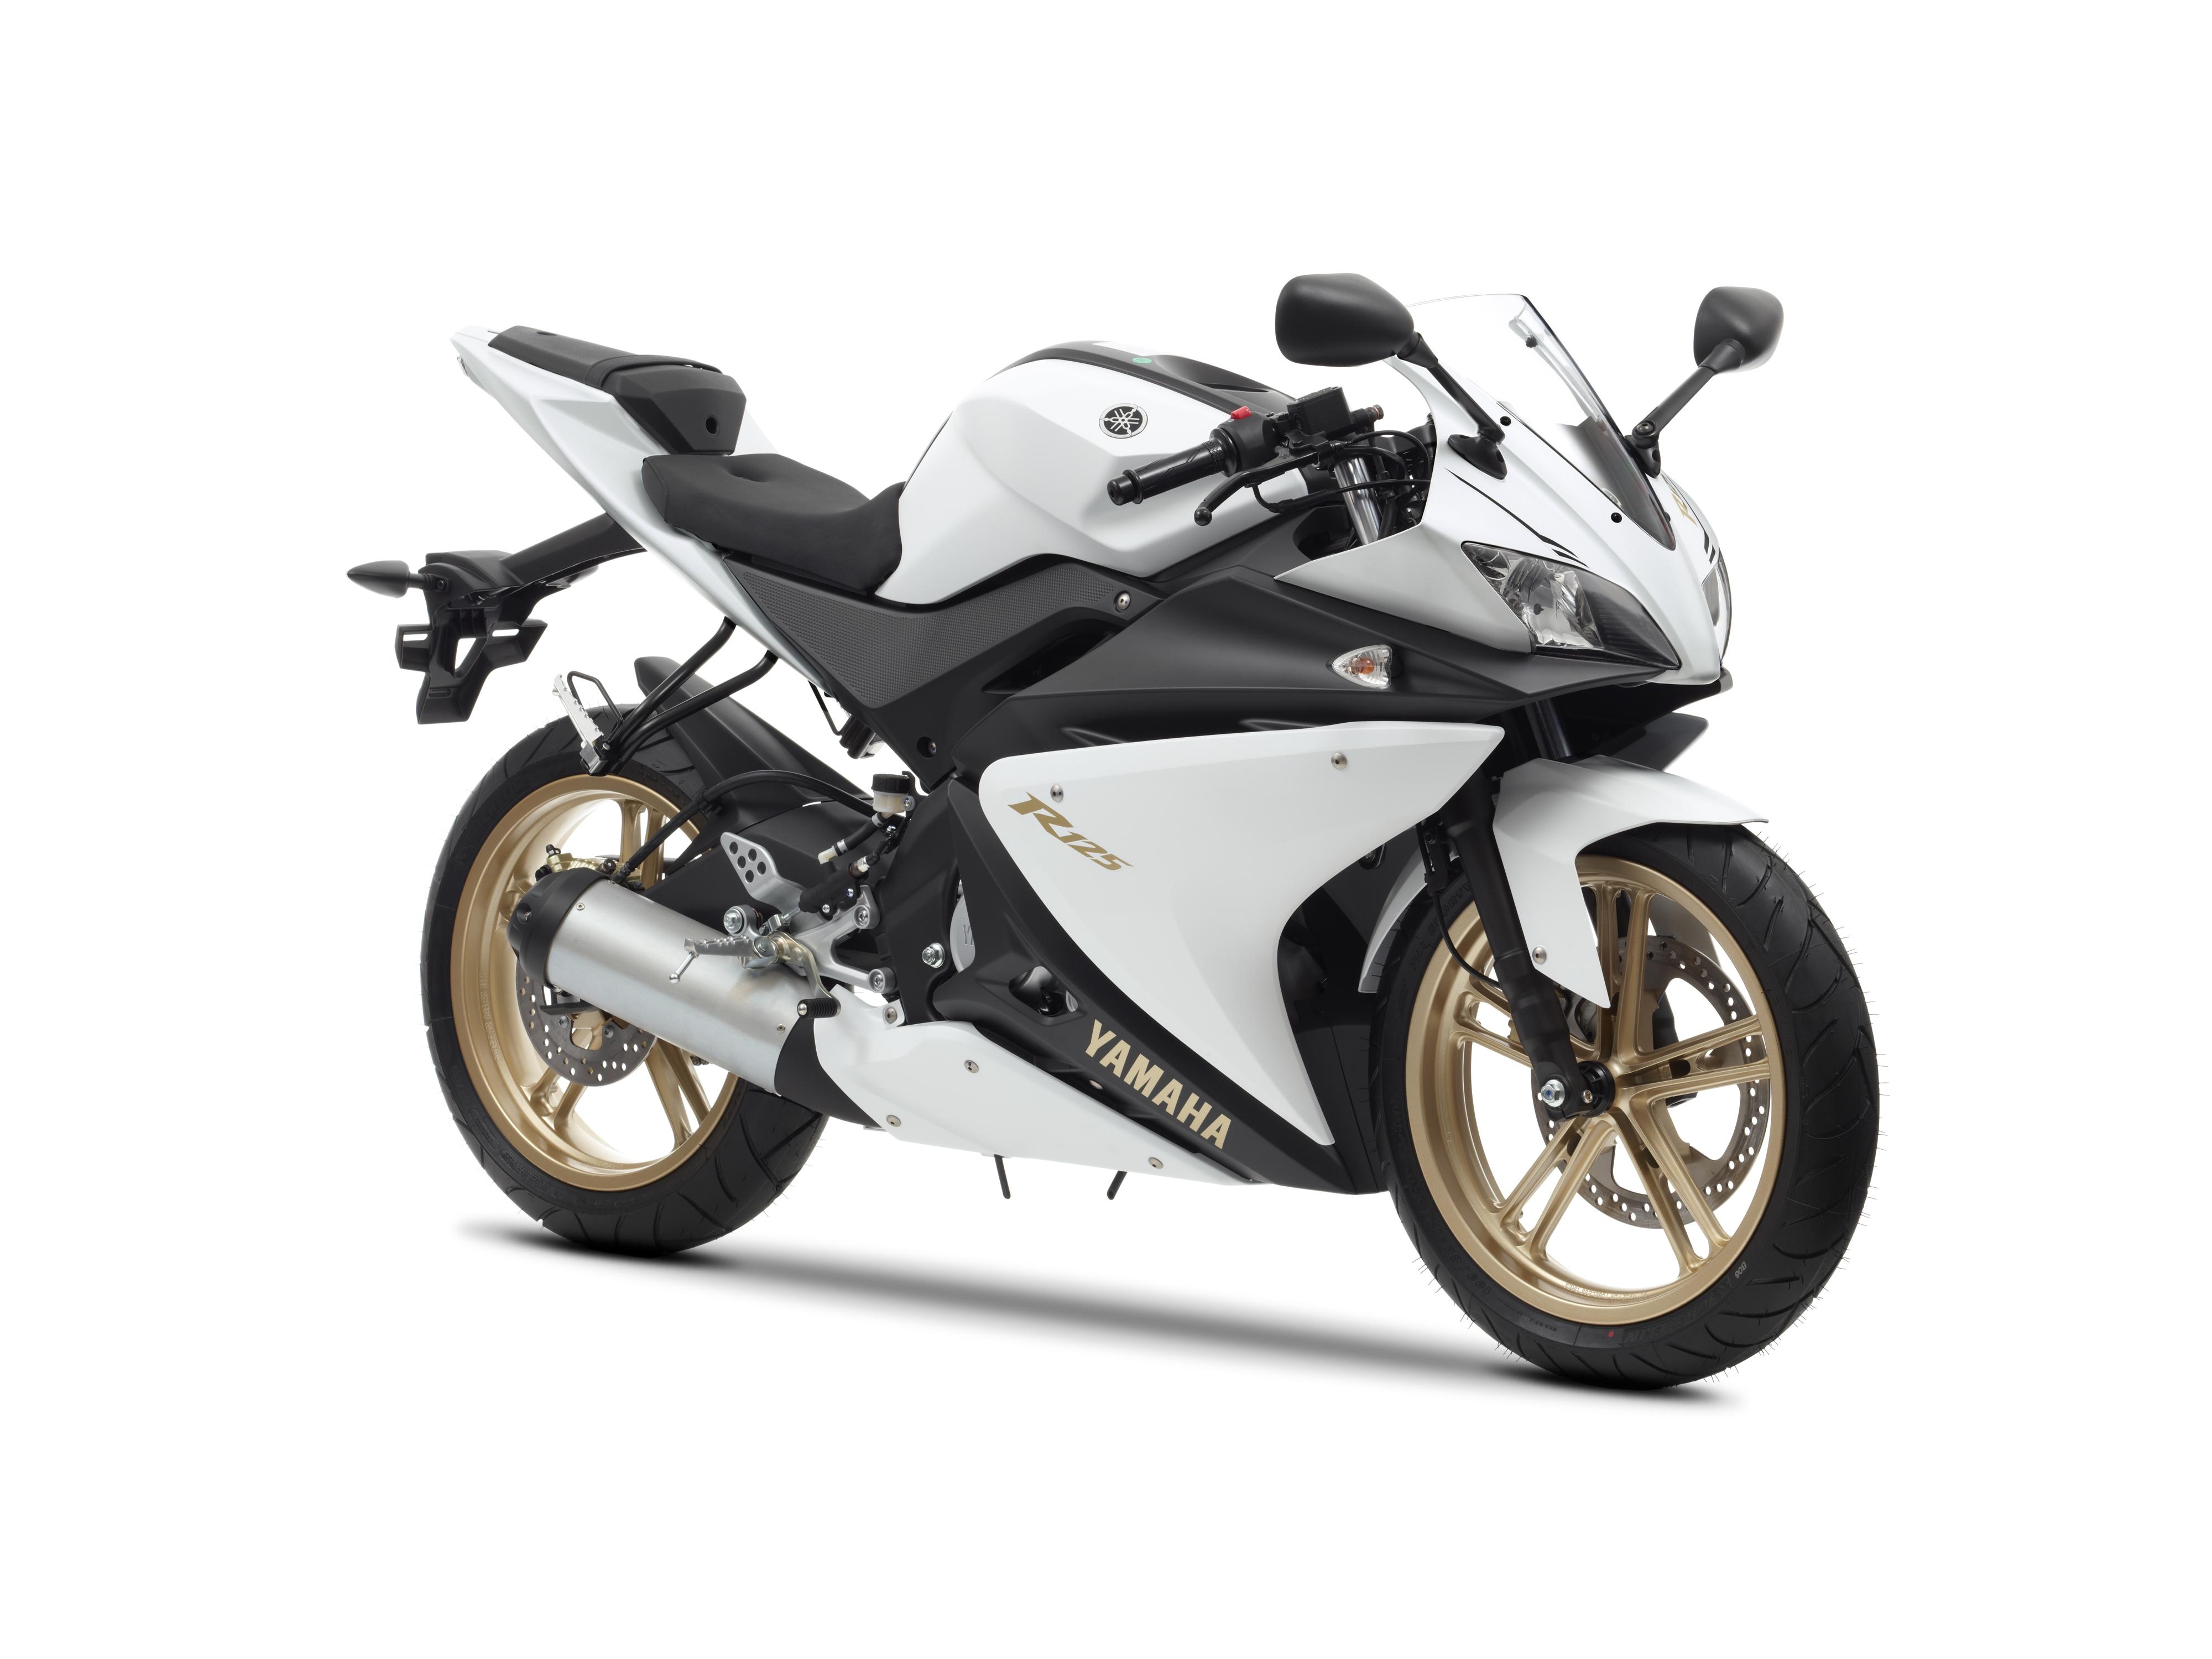 Yamaha 250 R akan berbasis seperti menyerupai dasar model R125